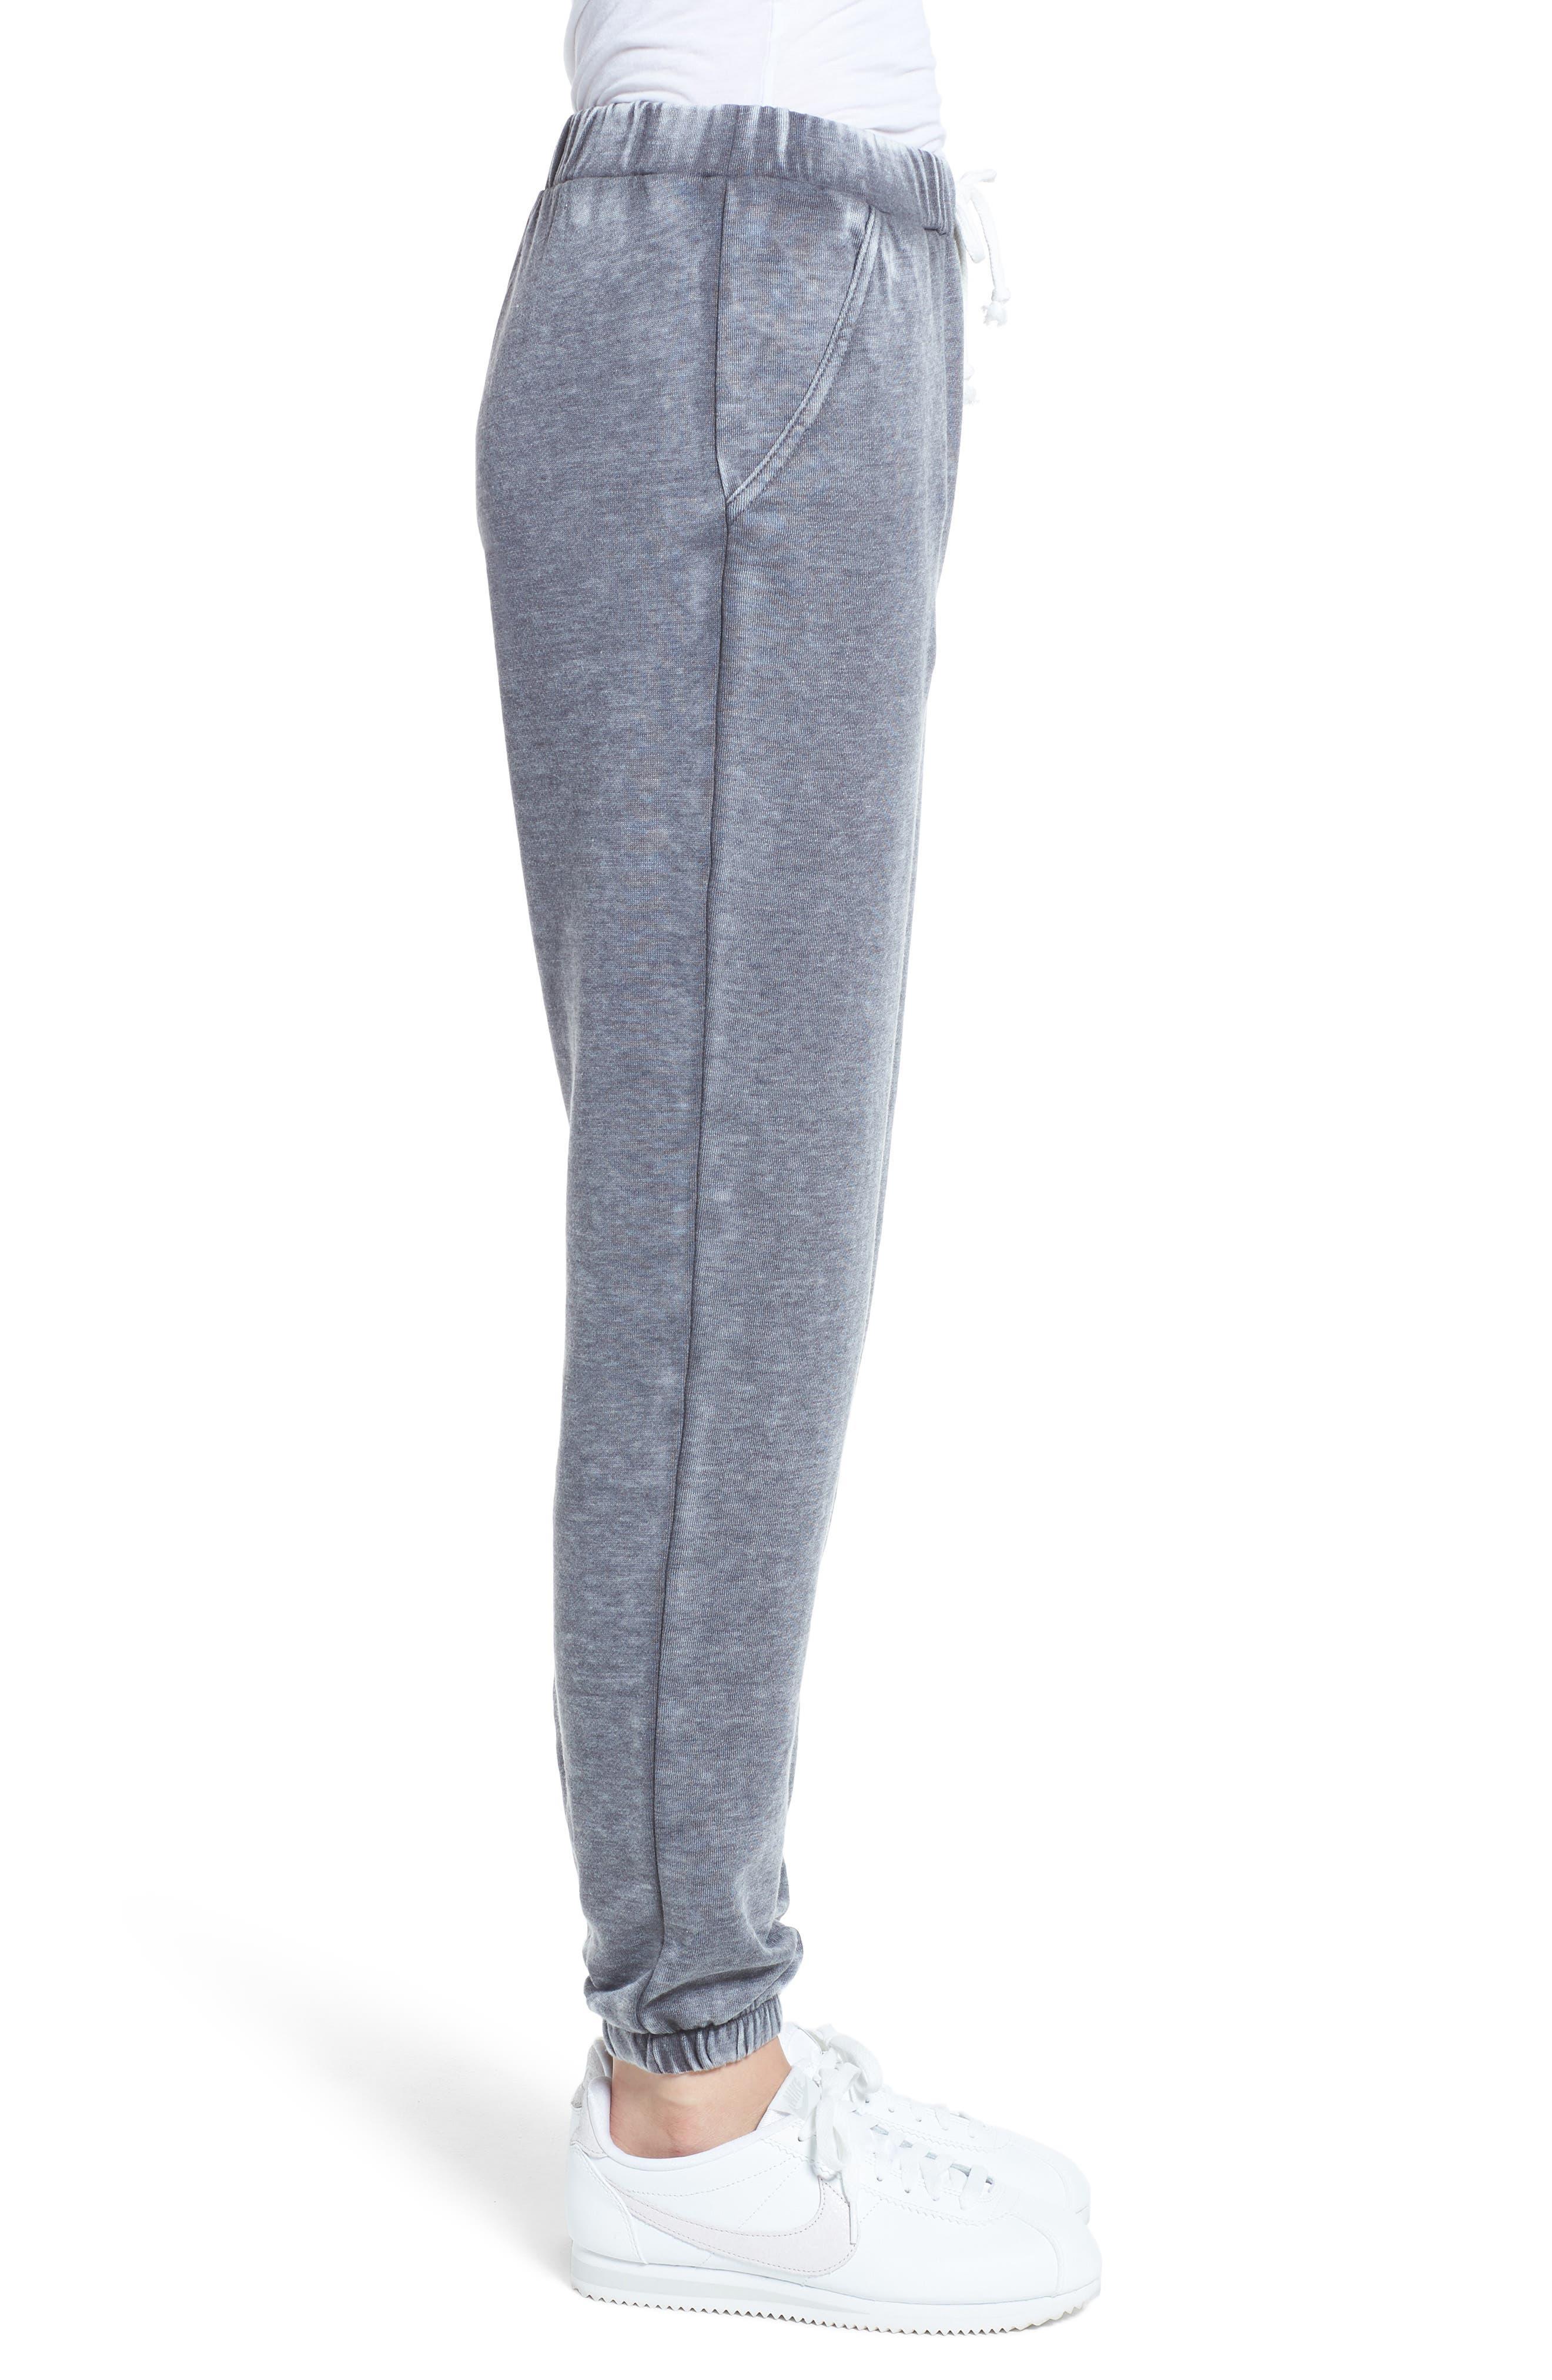 Riya Fashion Fleece Sweatpants,                             Alternate thumbnail 3, color,                             020